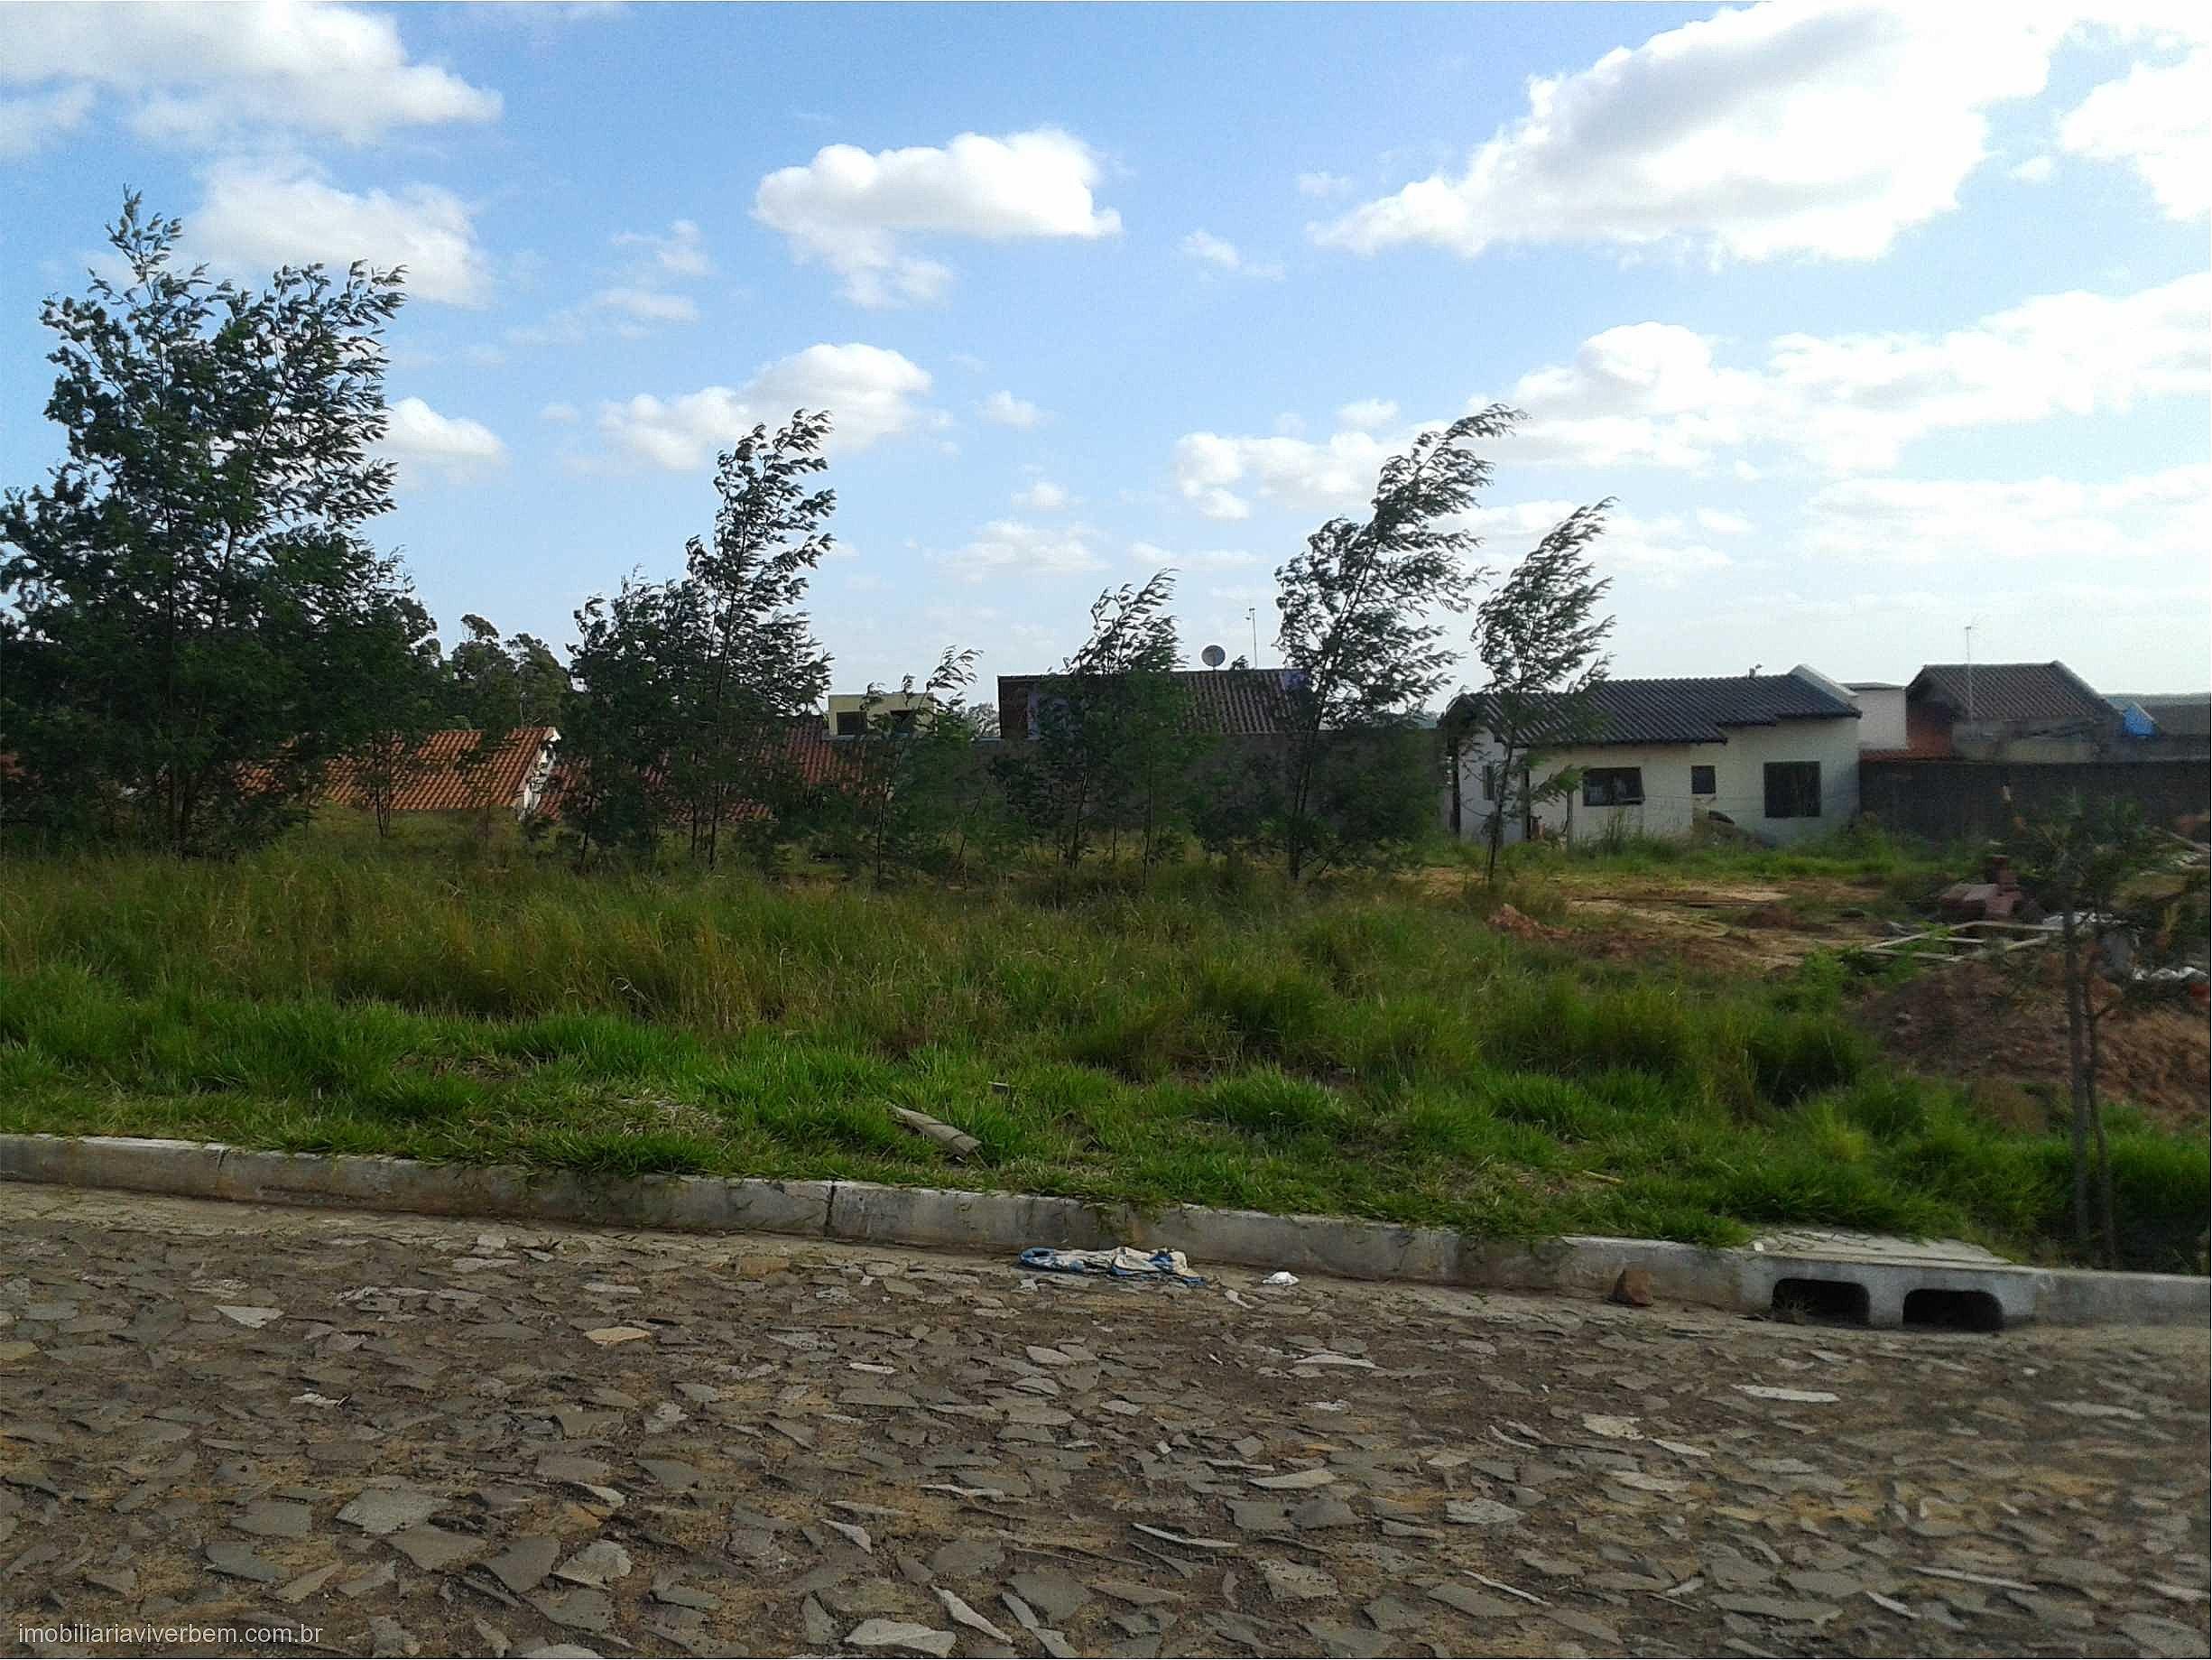 Viver Bem Imóveis - Terreno, Aparecida, Portão - Foto 7